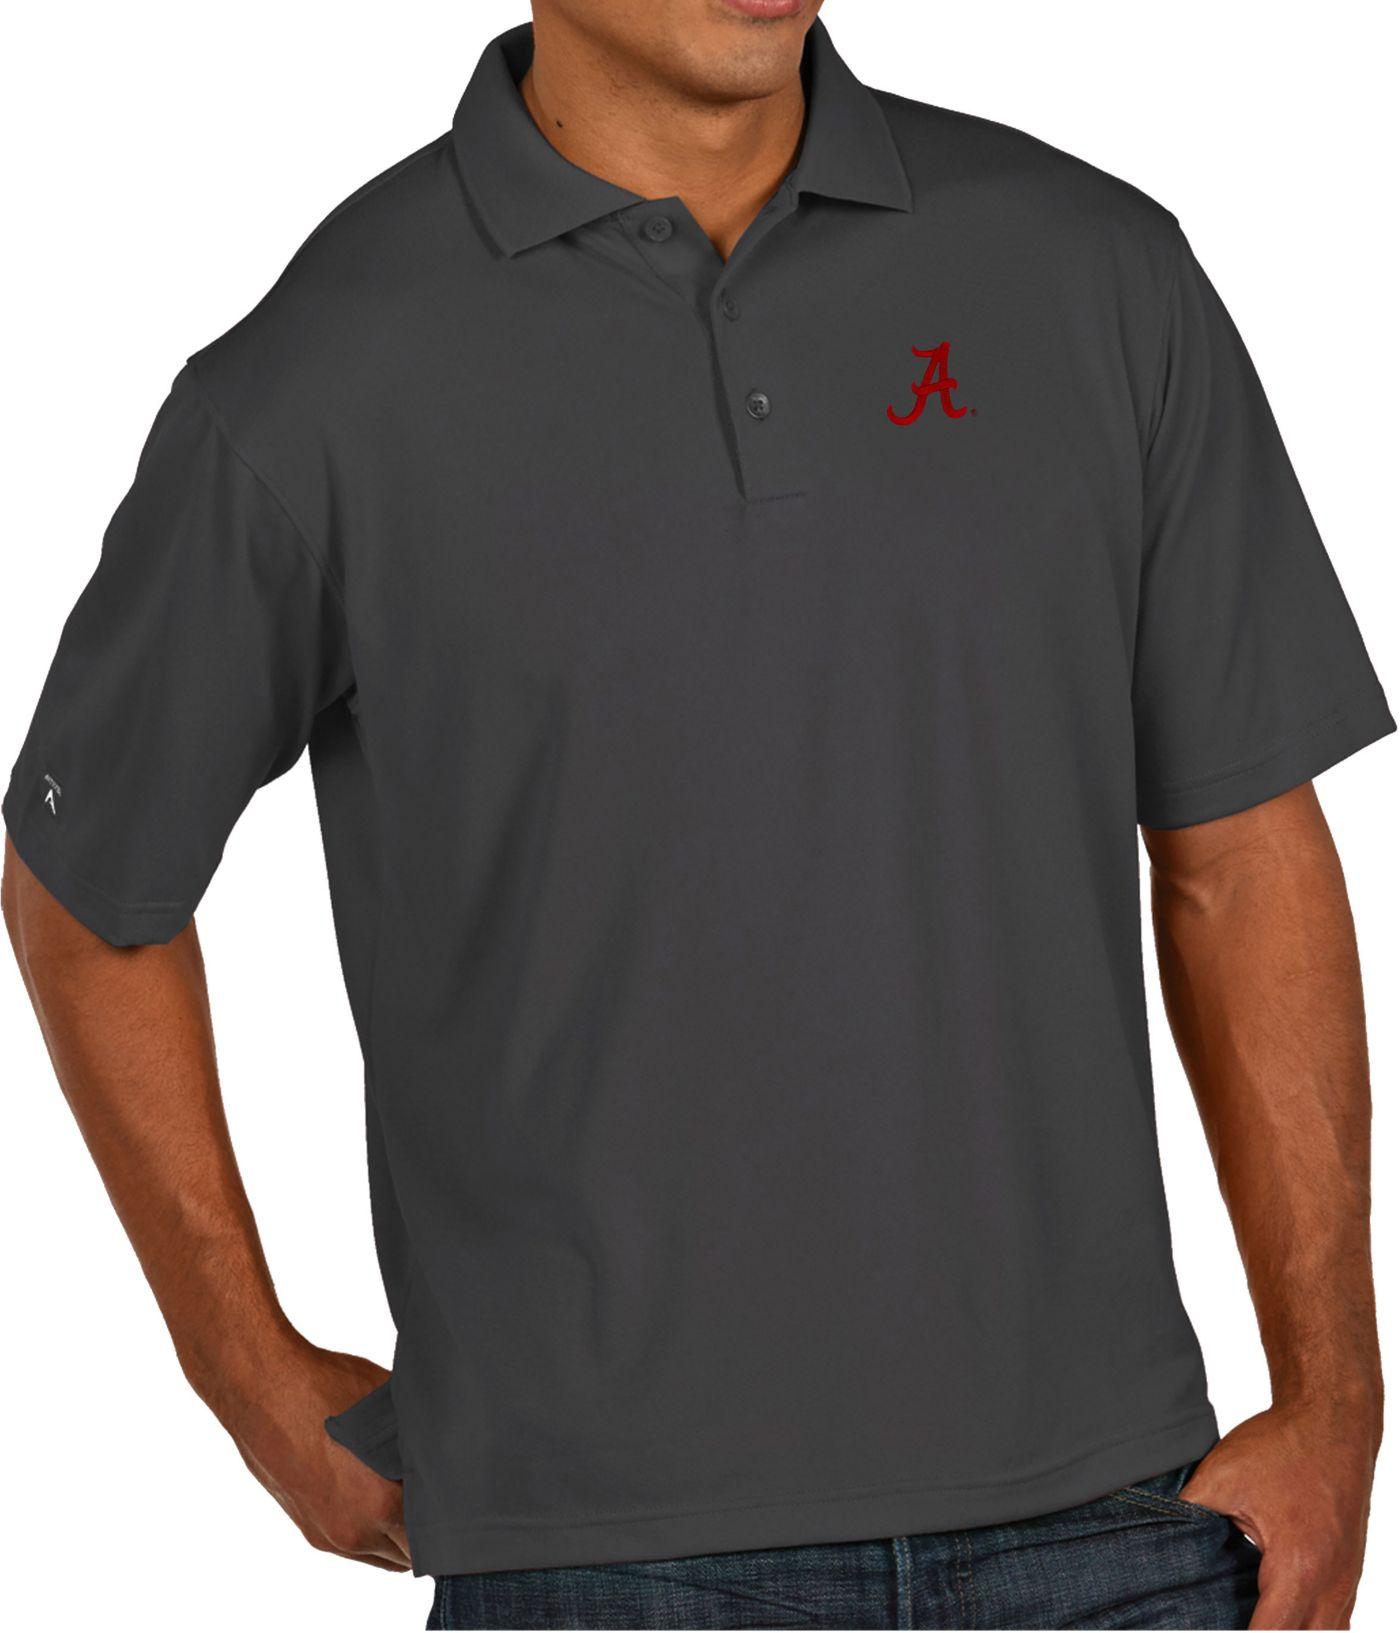 Antigua Men's Alabama Crimson Tide Grey Pique Xtra-Lite Polo